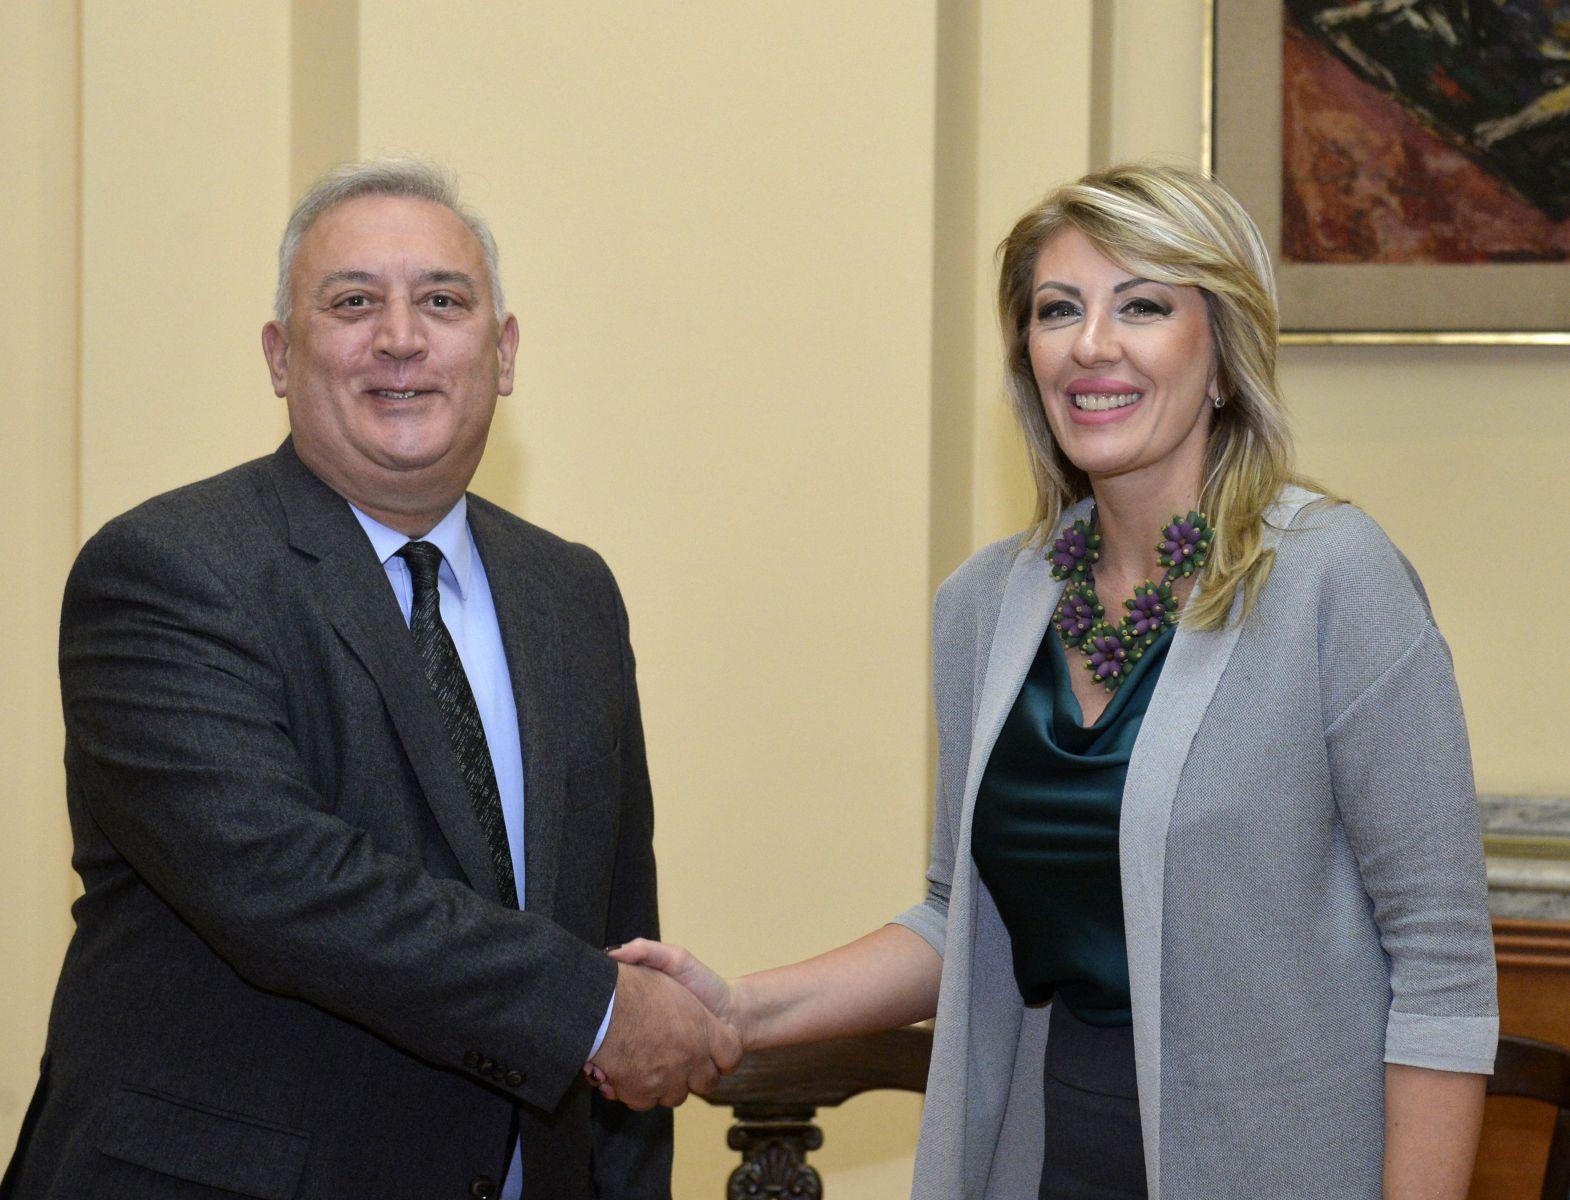 Ј. Јоксимовић и Диакофотакис: Важна нам је грчка подршка на европском путу